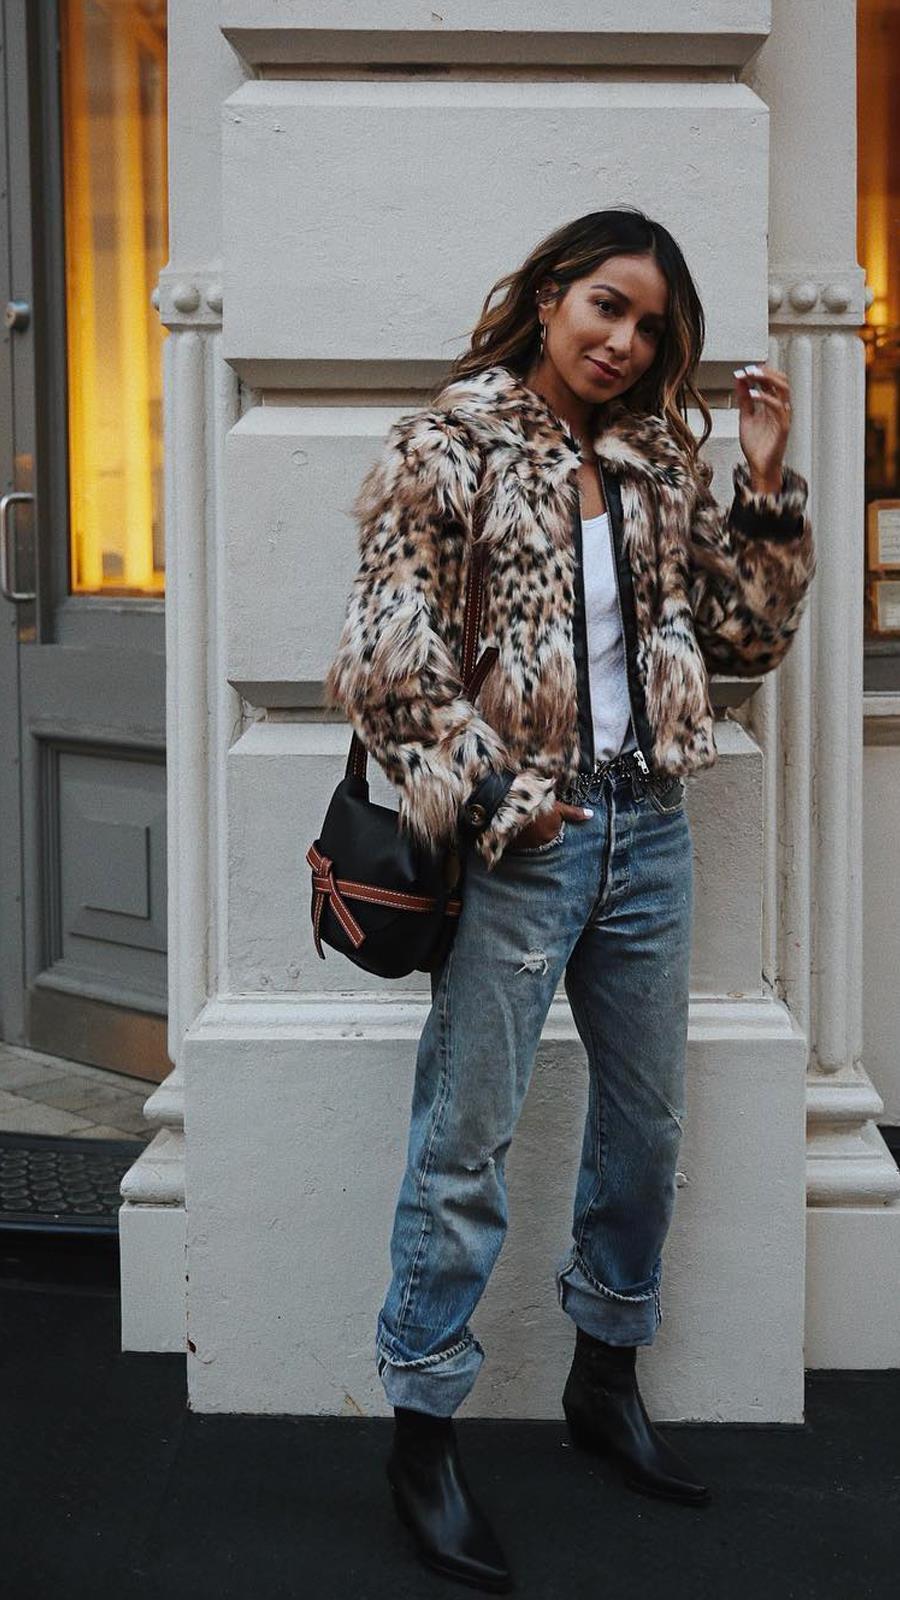 Abrigada y con estilo abrigo pelo sintético. ¿Abrigada y con estilo  e2b25dc0bf03